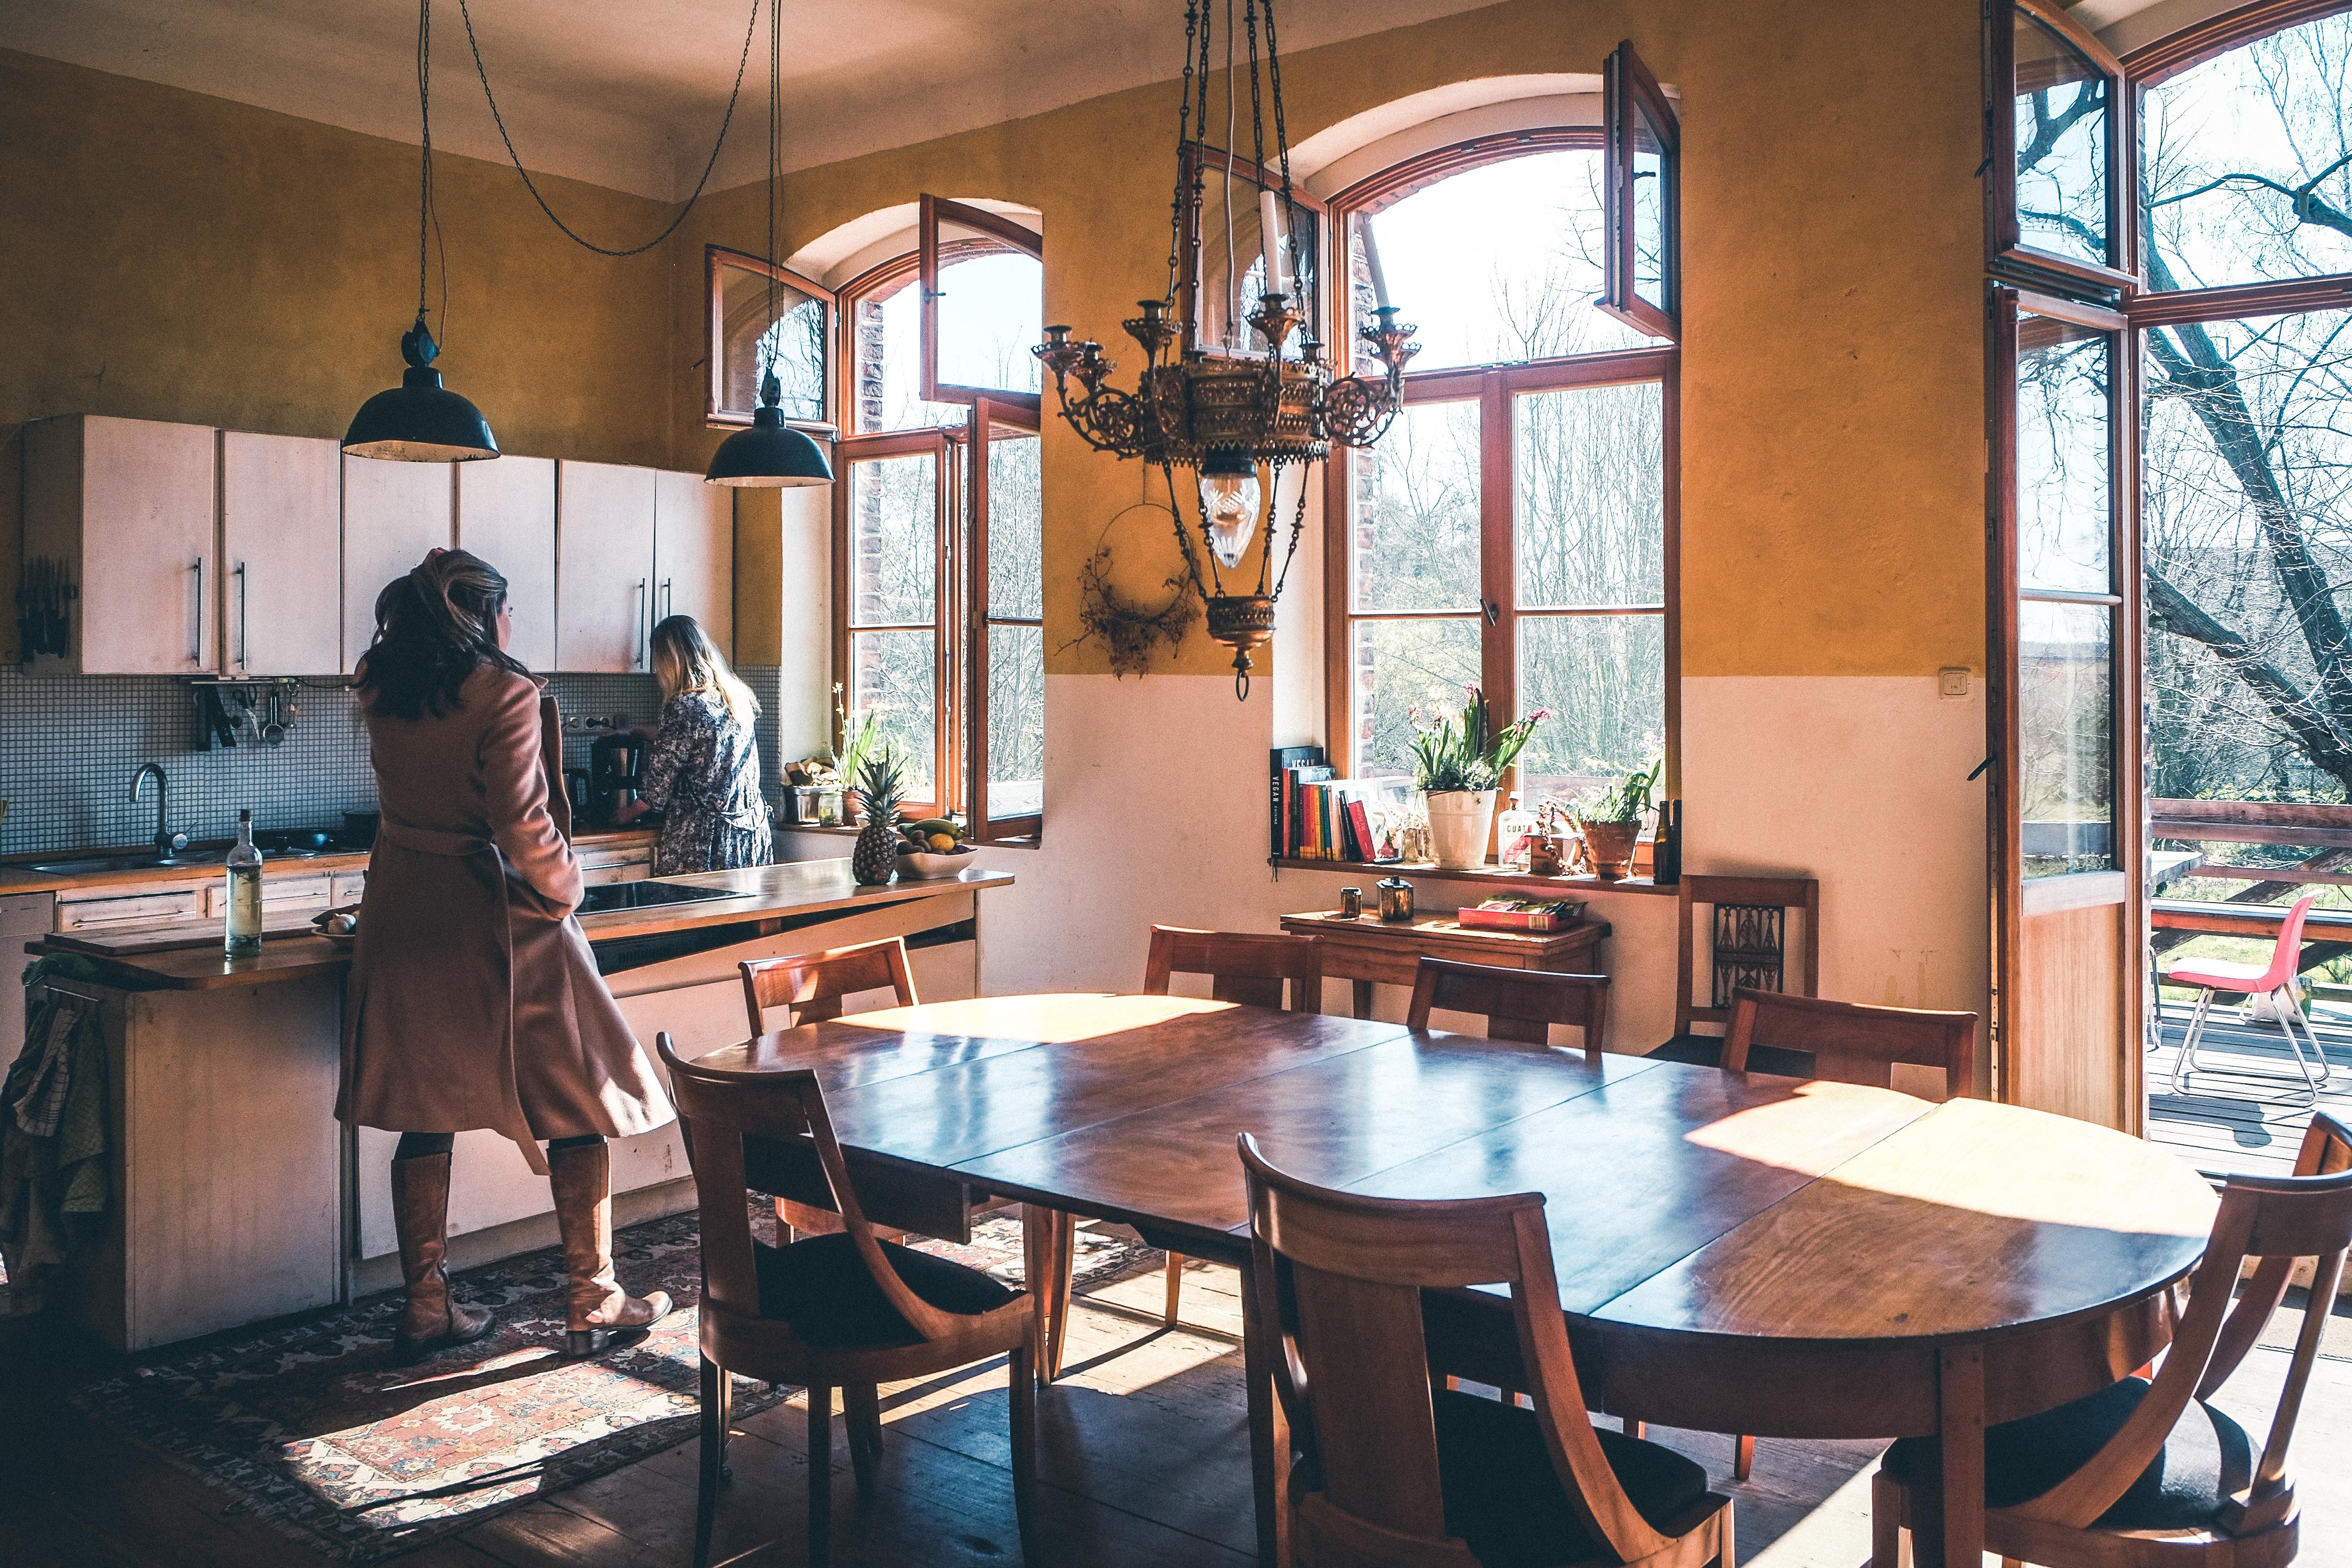 Der Projektraum Drahnsdorf ist eine Bildungs- und Begegnungsstätte.